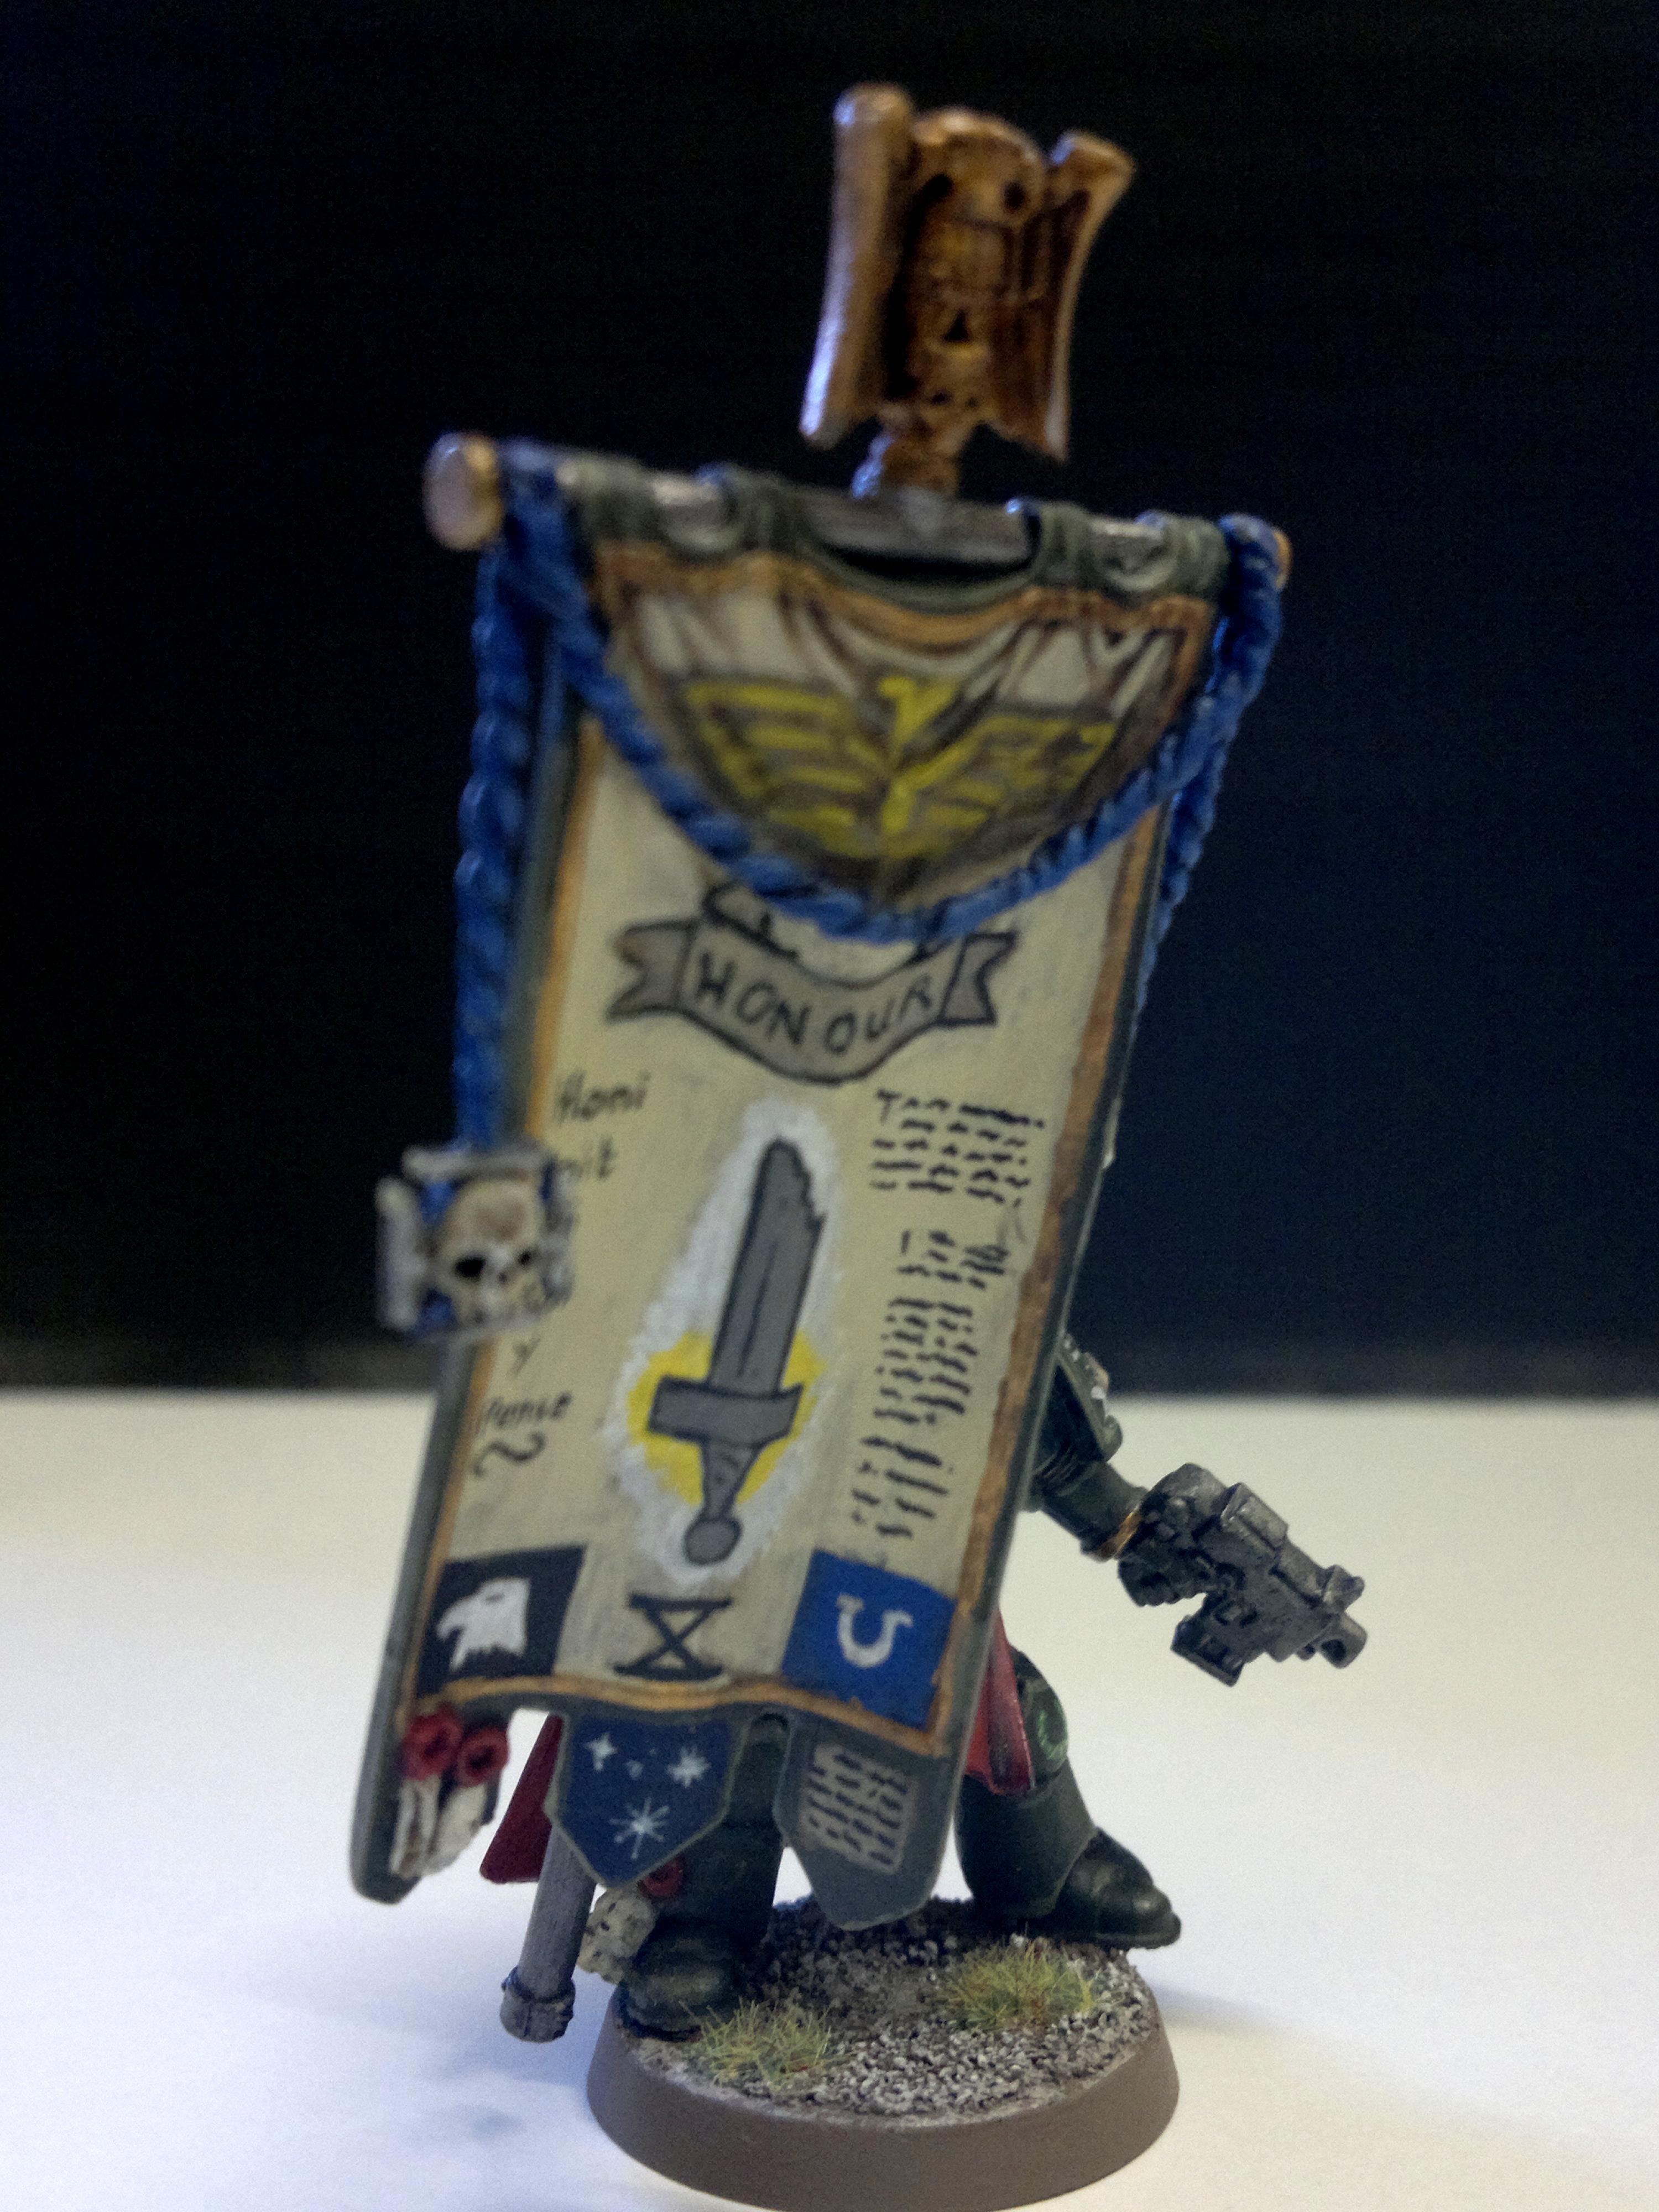 Banner, Bearer, Imperial, Space Marine. Hounour Gaurd, Standard, Warhammer 40,000